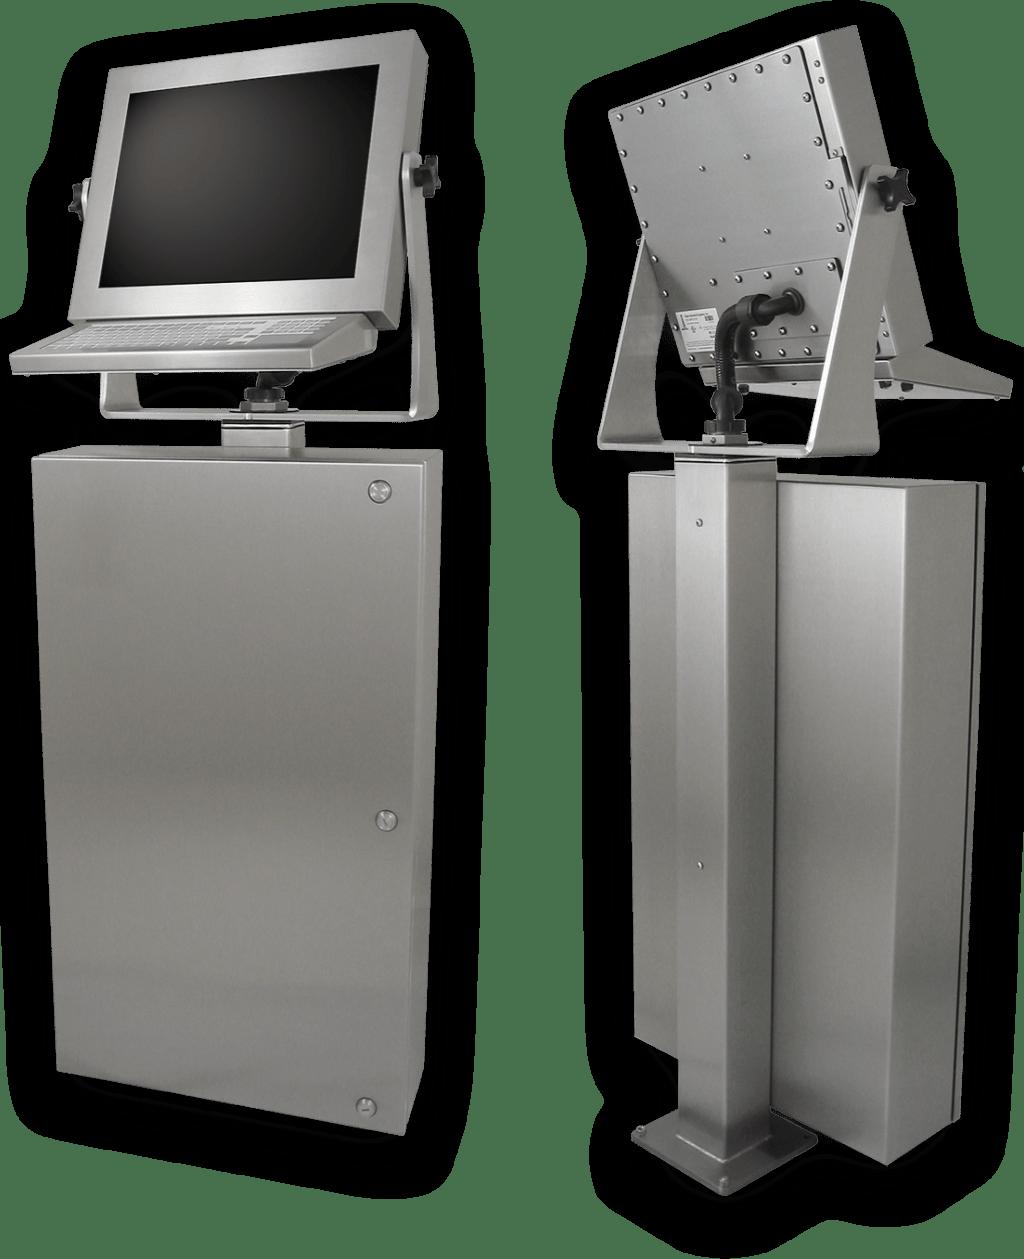 Für die Industrie konzipierte, Touchscreen-Workstations nach IP65/IP66 für die Fabrikhalle